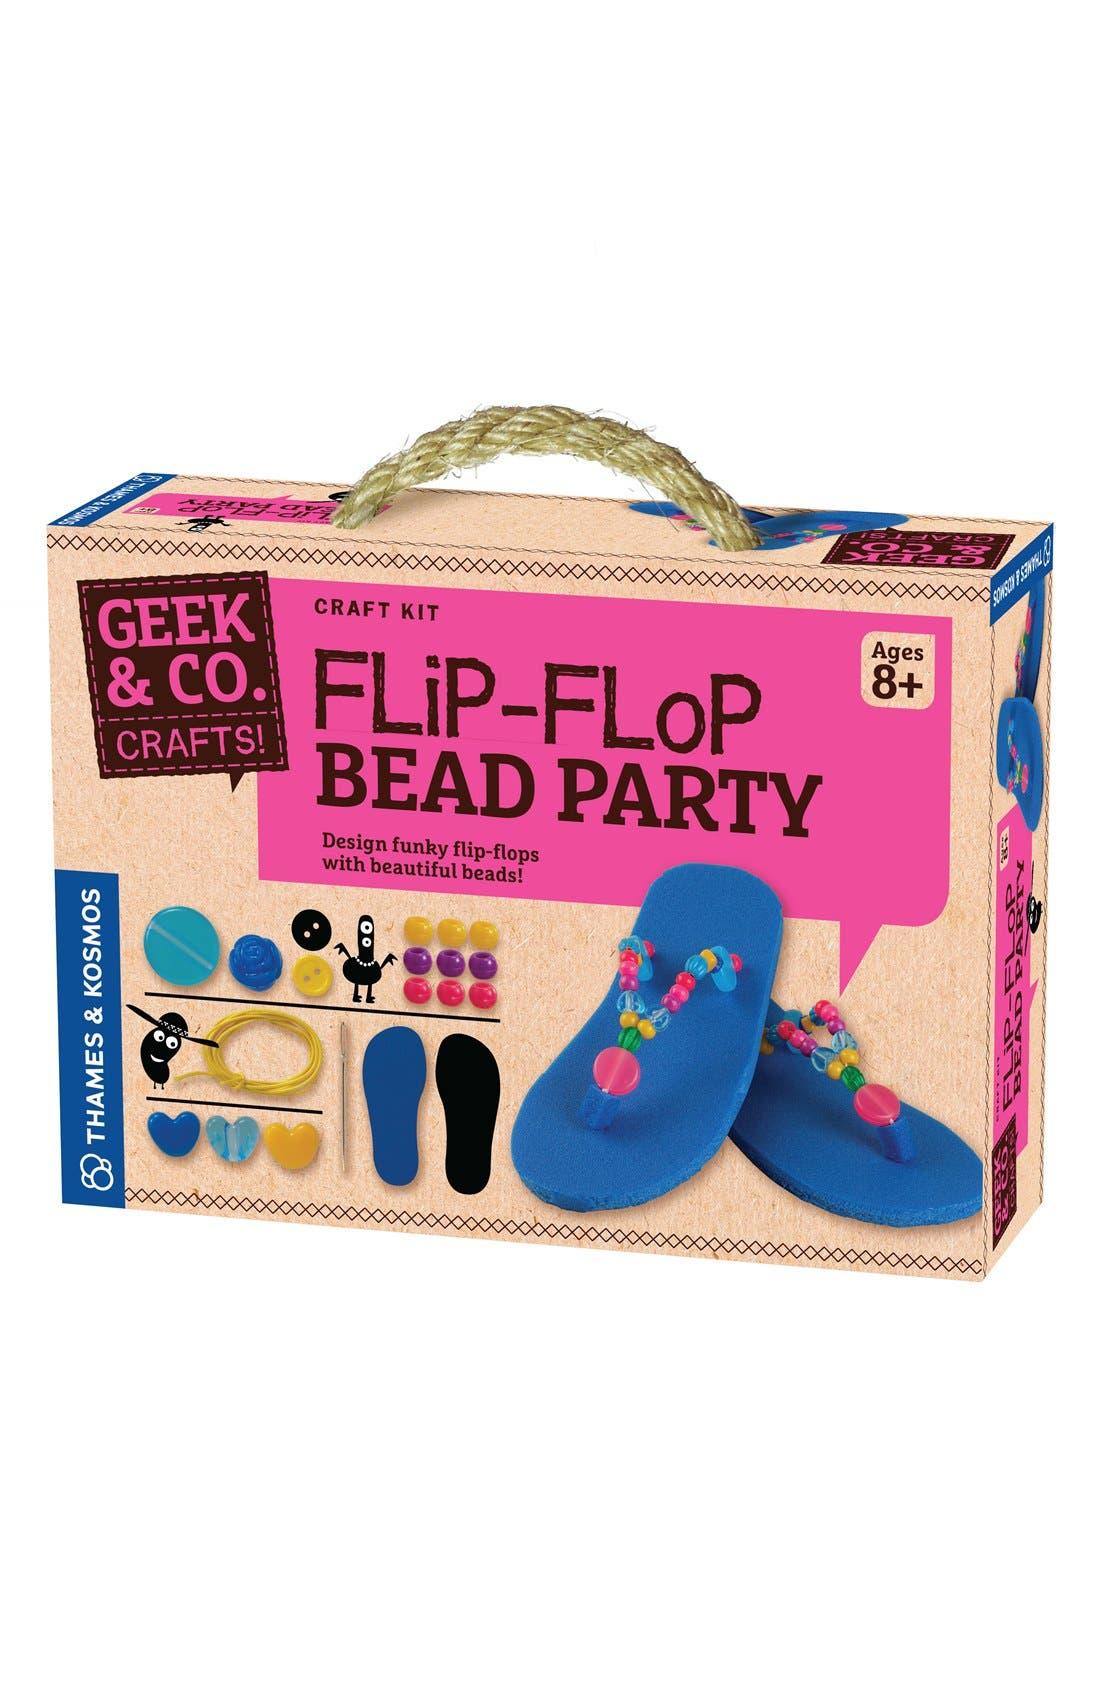 'Flip-Flop Bead Party' Kit,                             Main thumbnail 1, color,                             000